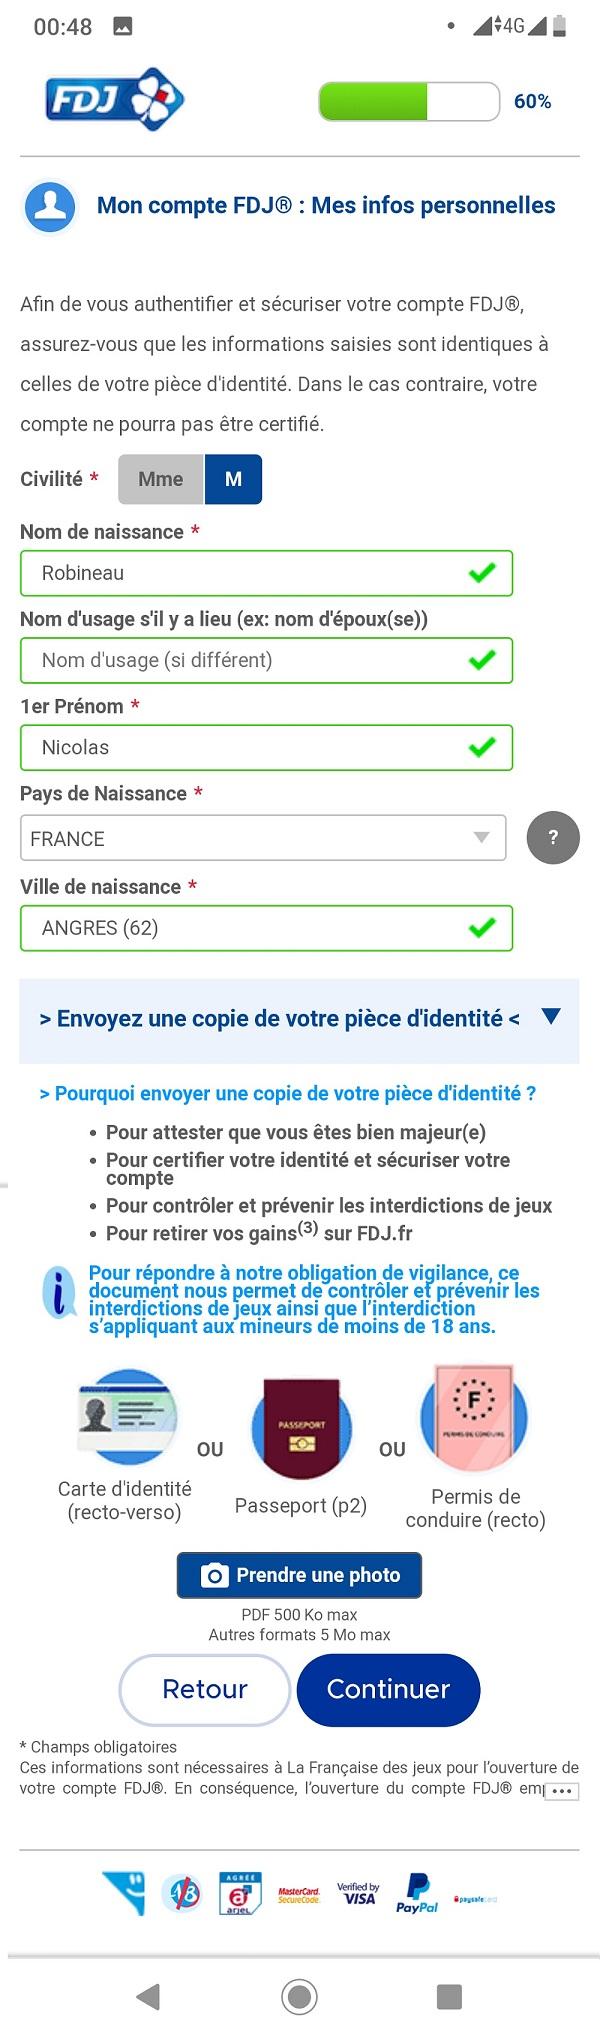 Formulaire d'inscription FDJ.fr sur mobile : étape n°2